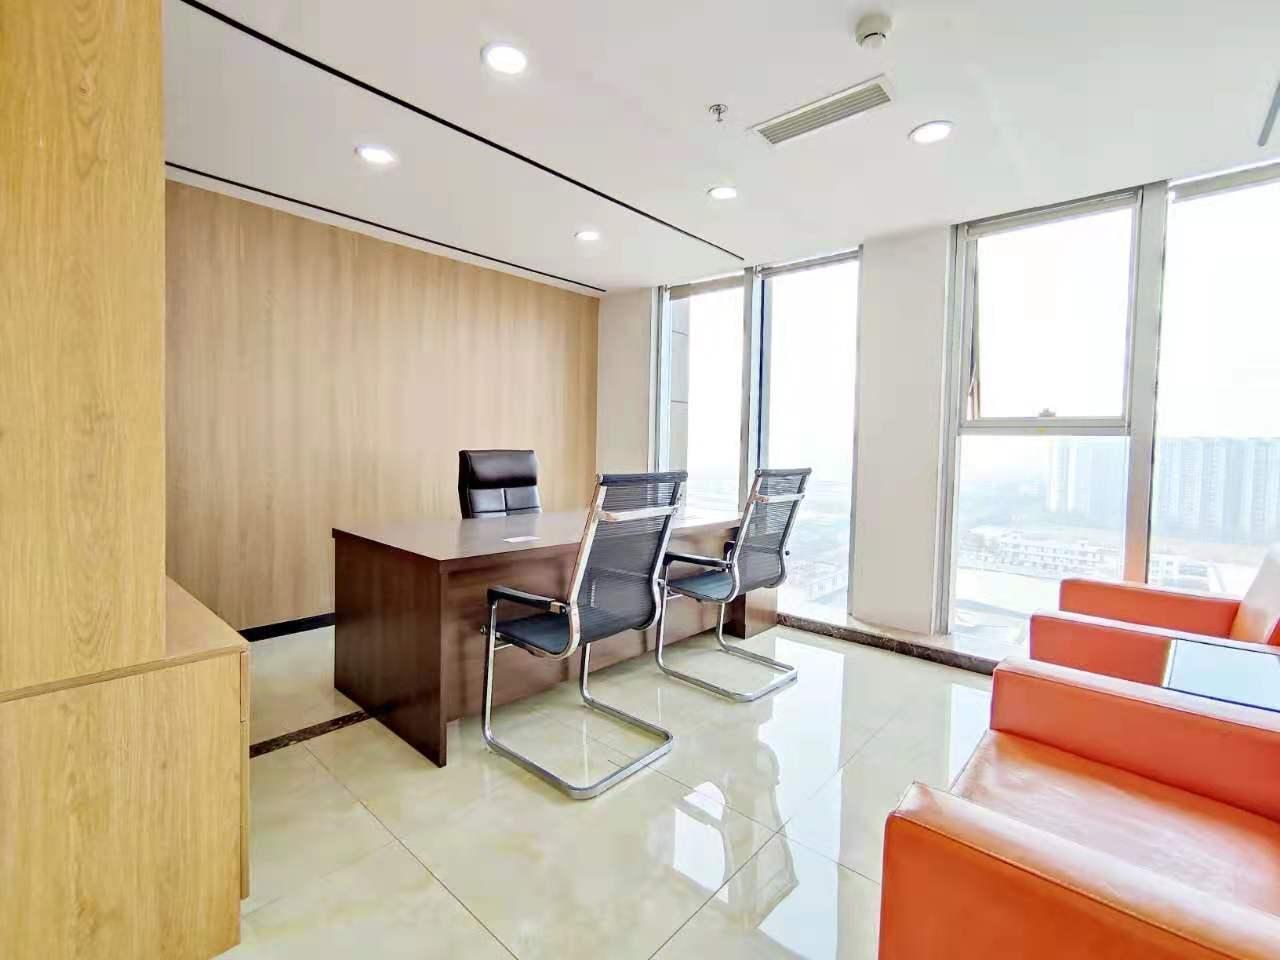 西城国际 219平米 高科技产业园(西区) 朝西南 大理石前台,超大电动门